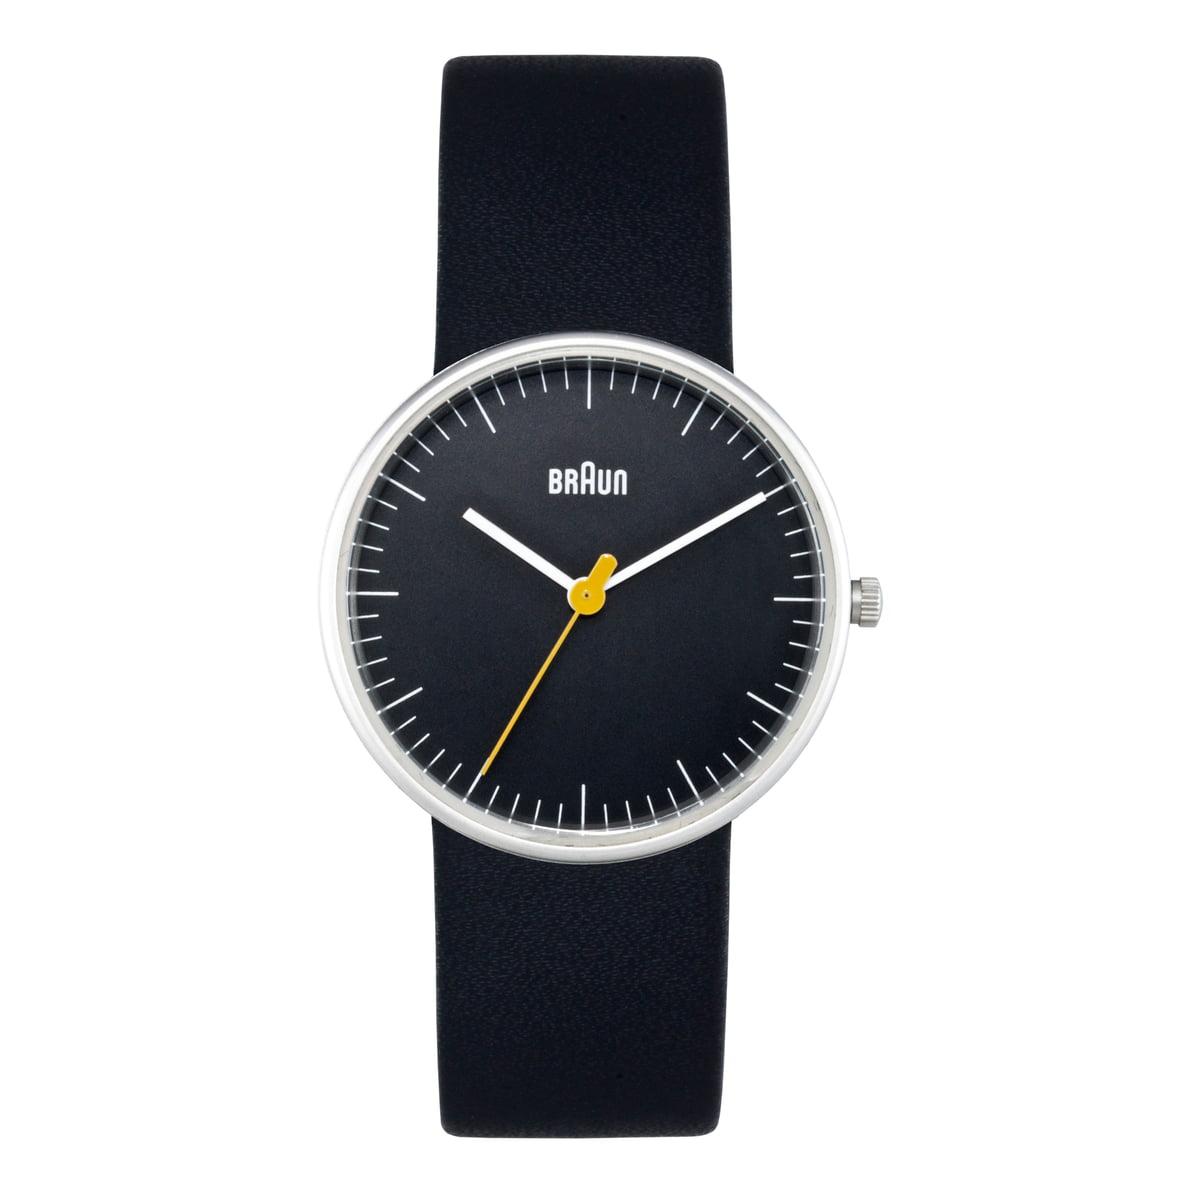 Quarz-Damenarmbanduhr BN0021, schwarz